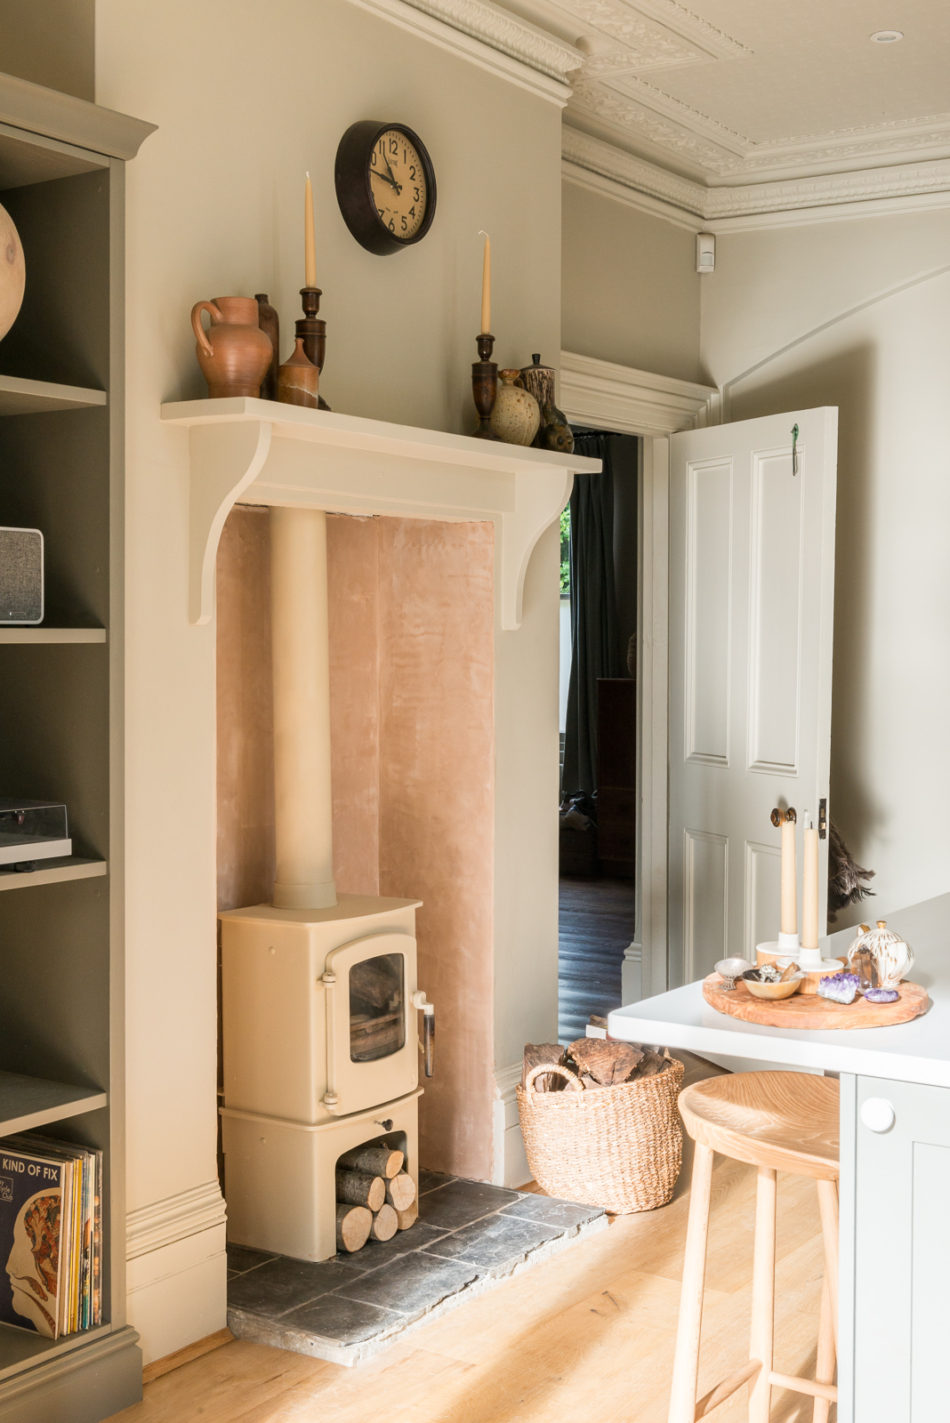 magazine worthy interiors